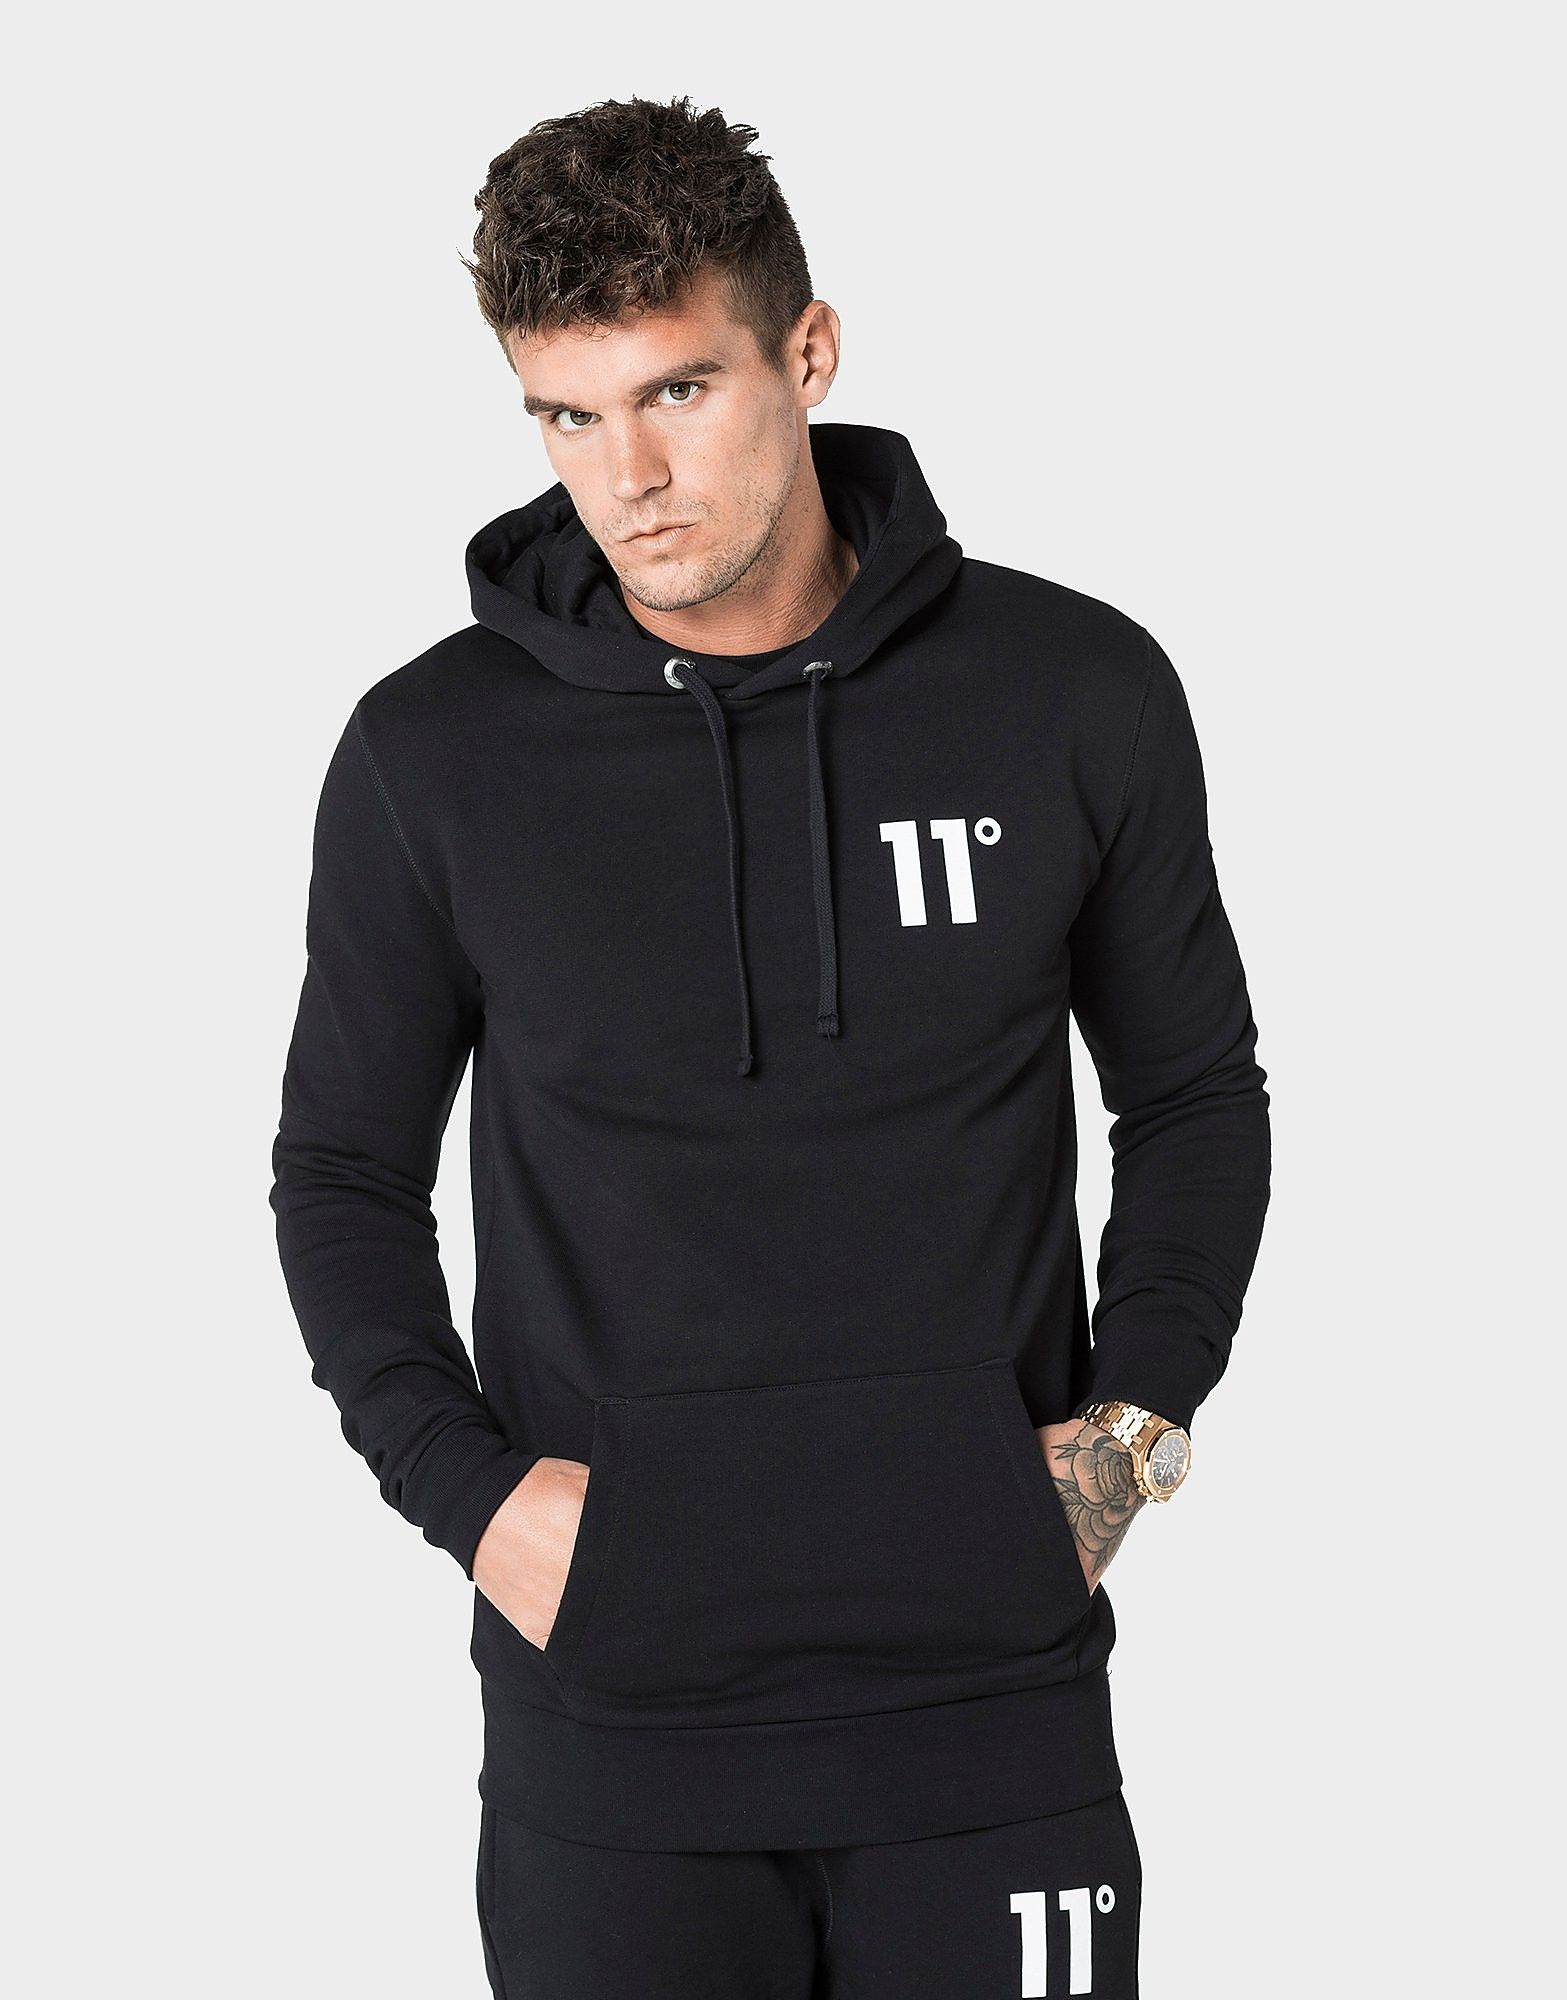 Mens Hoodies Zip Up Hoodies And Pullover Hoodies Jd Sports